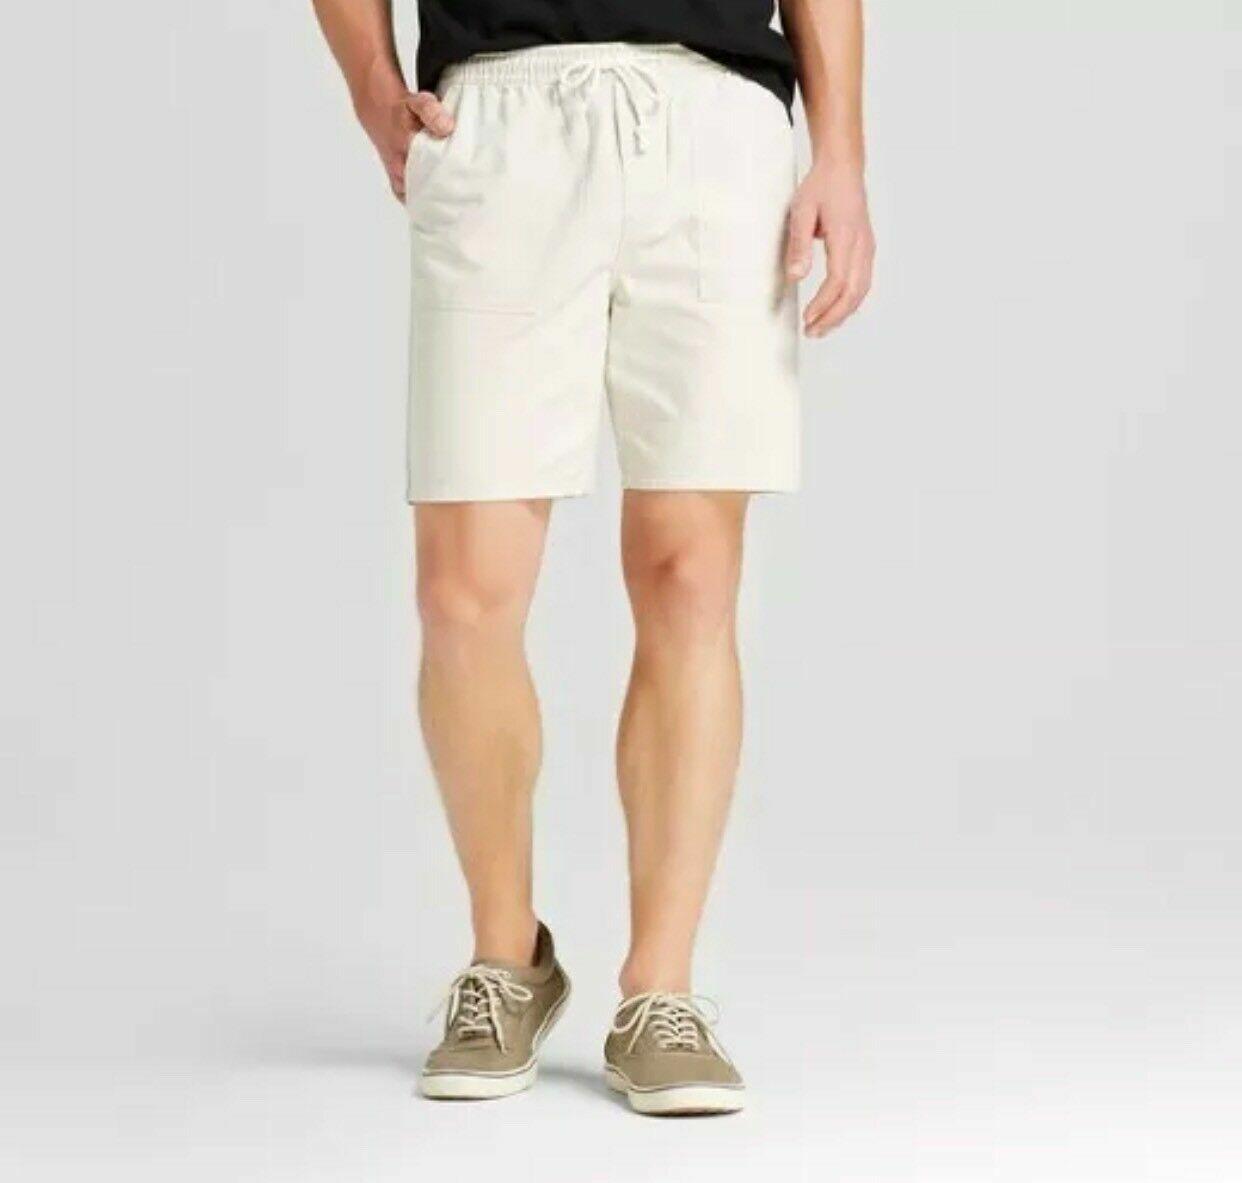 Merona Men's Beachcomber Jogger Shorts – XL Clothing, Shoes & Accessories